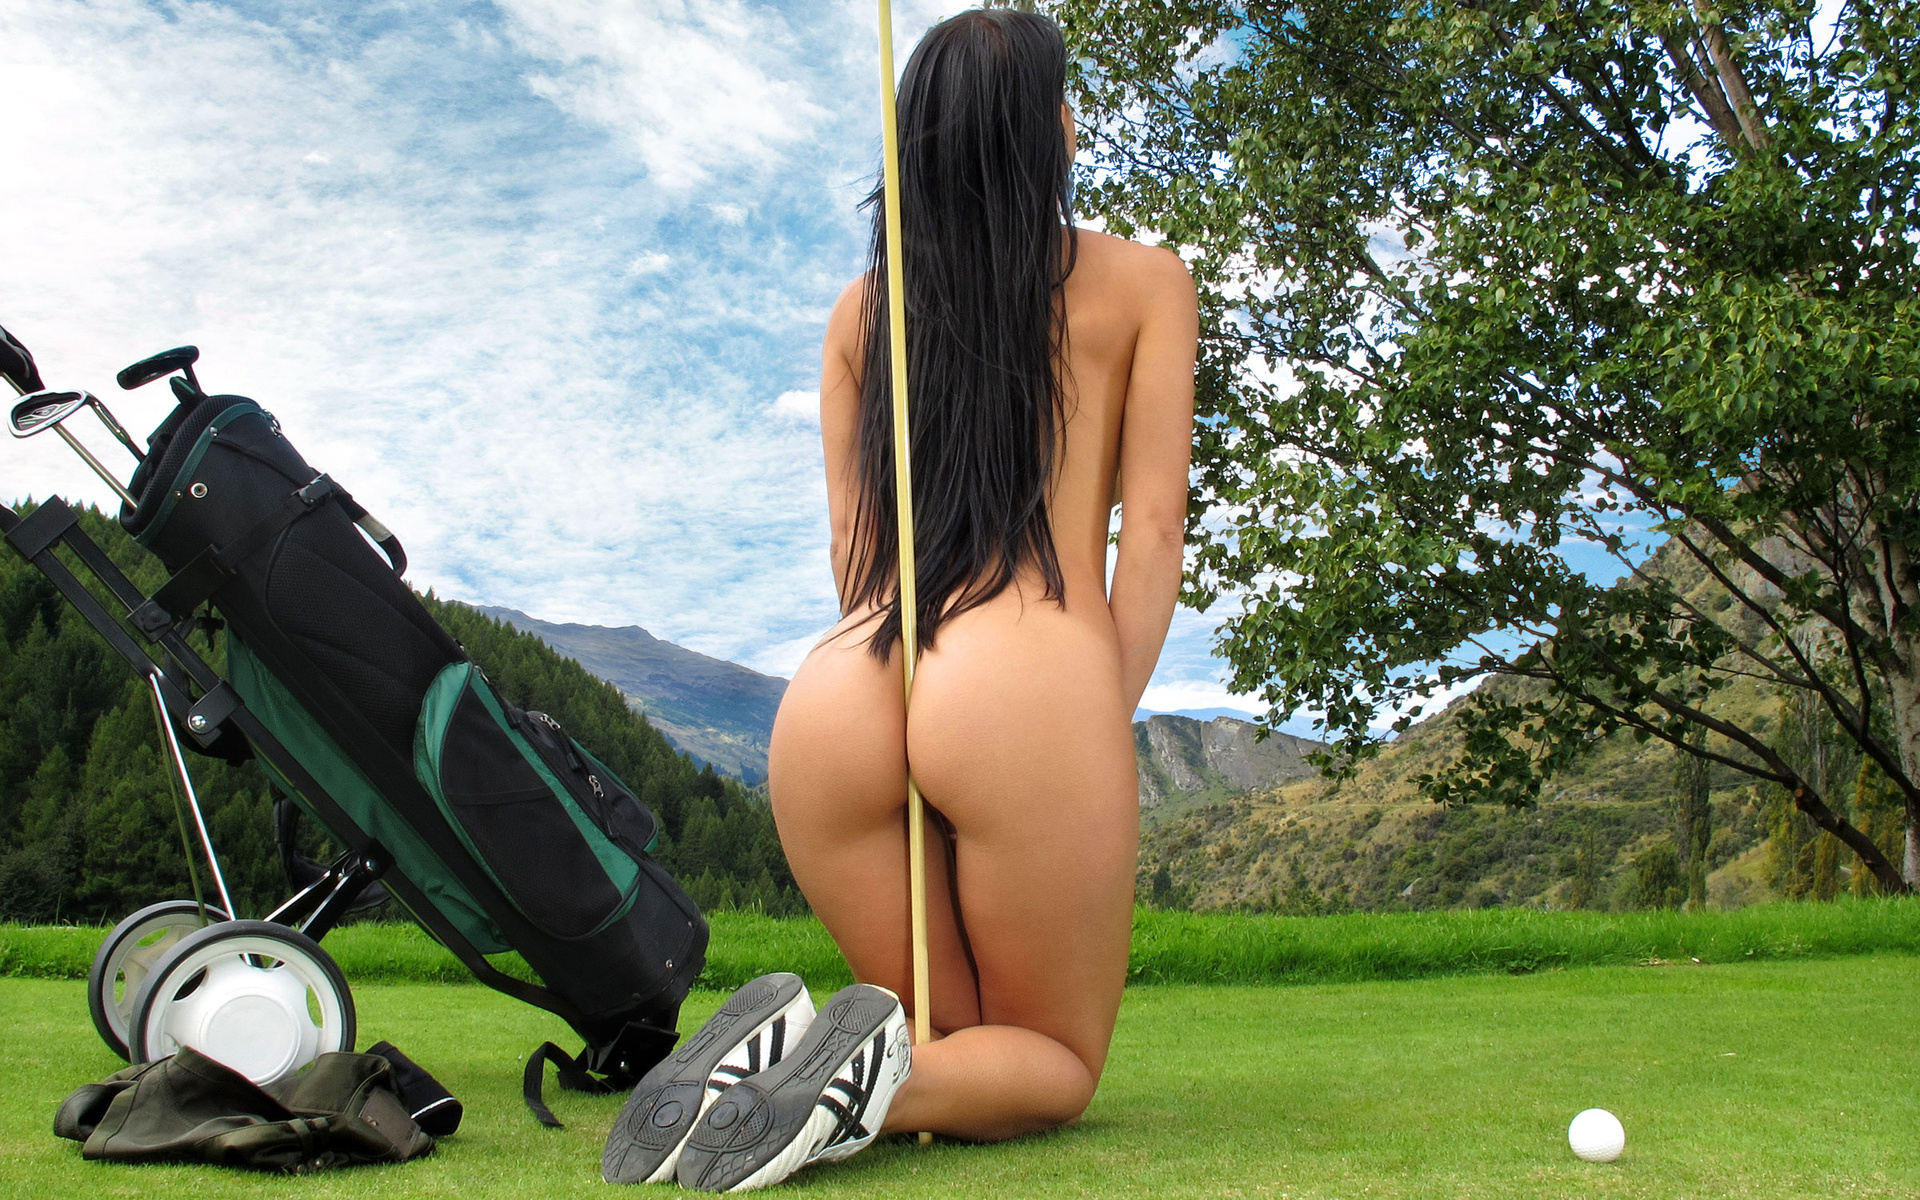 arm-porn-lexa-golf